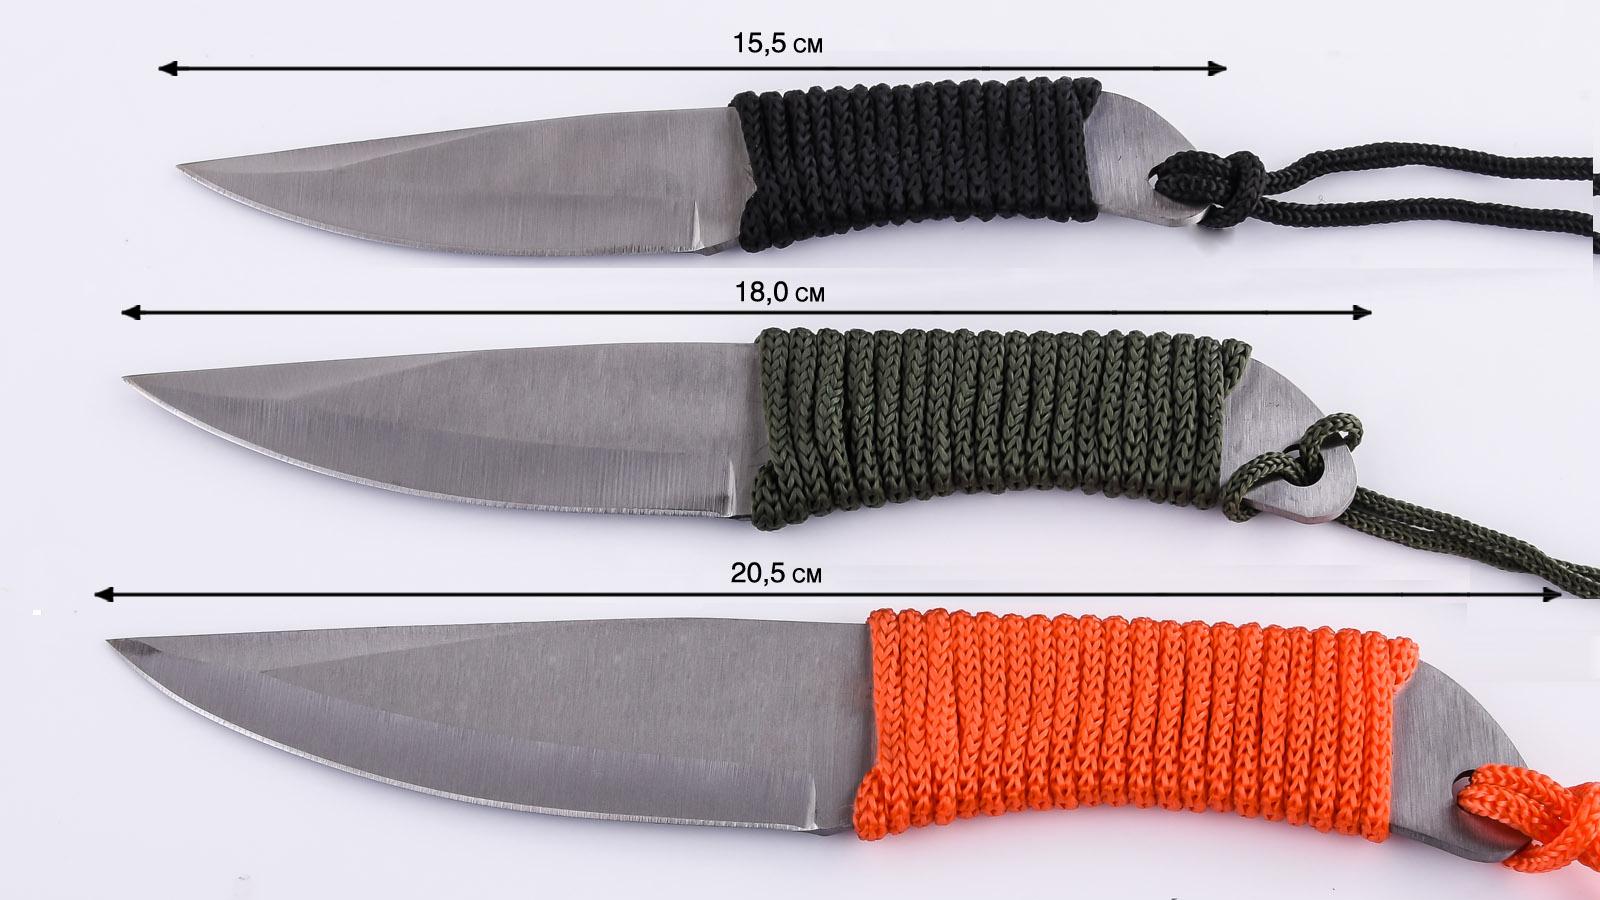 Купить спортивные метательные ножи